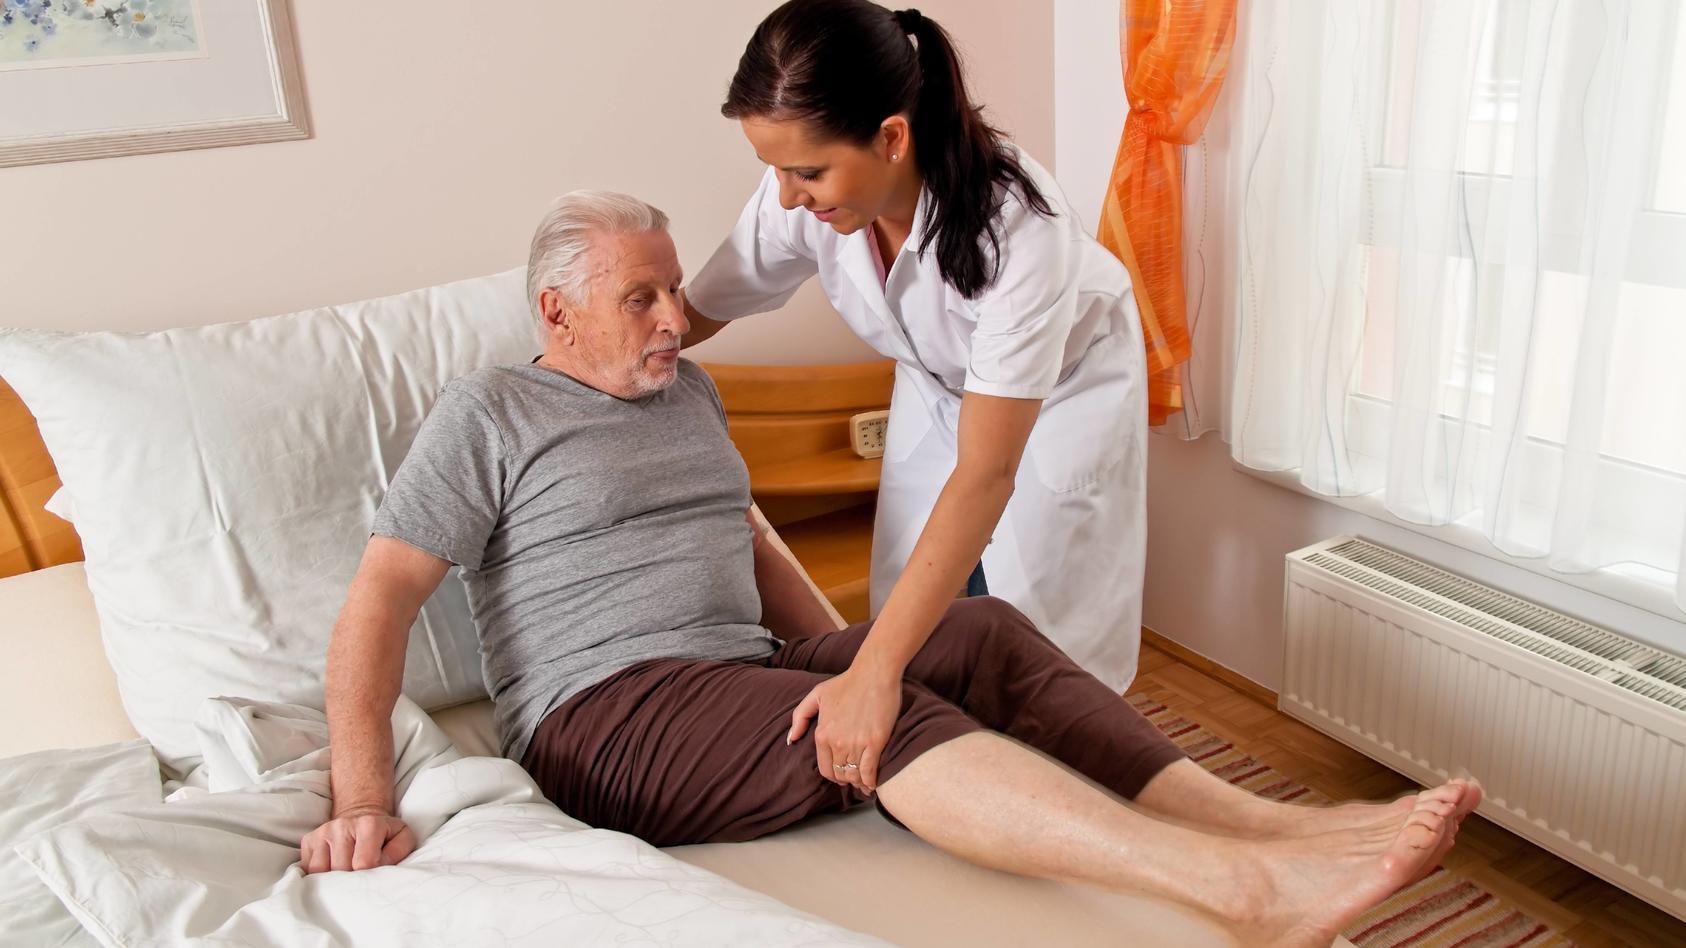 eine Pflegerin bei Altenpflege von Senioren im Altenheim McPBBO McPBBO